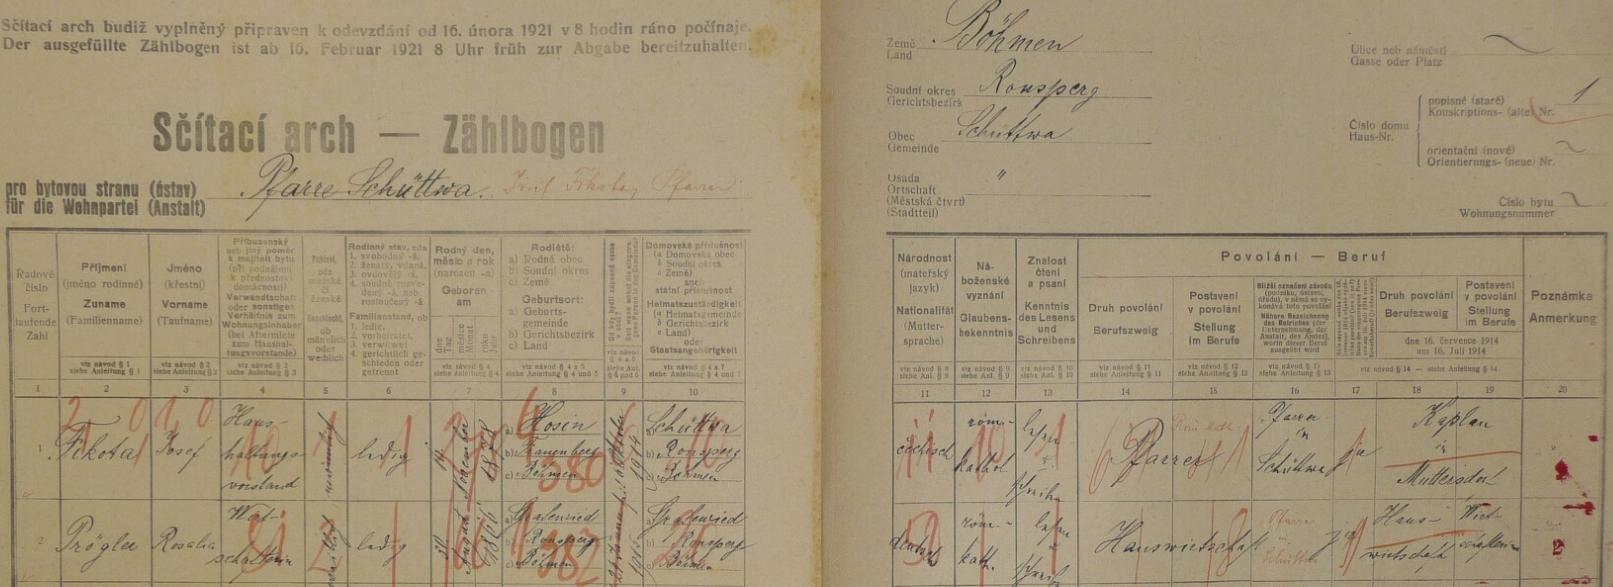 Arch sčítání lidu z roku 1921 pro faru v Šitboři s ním a patrně jeho hospodyní